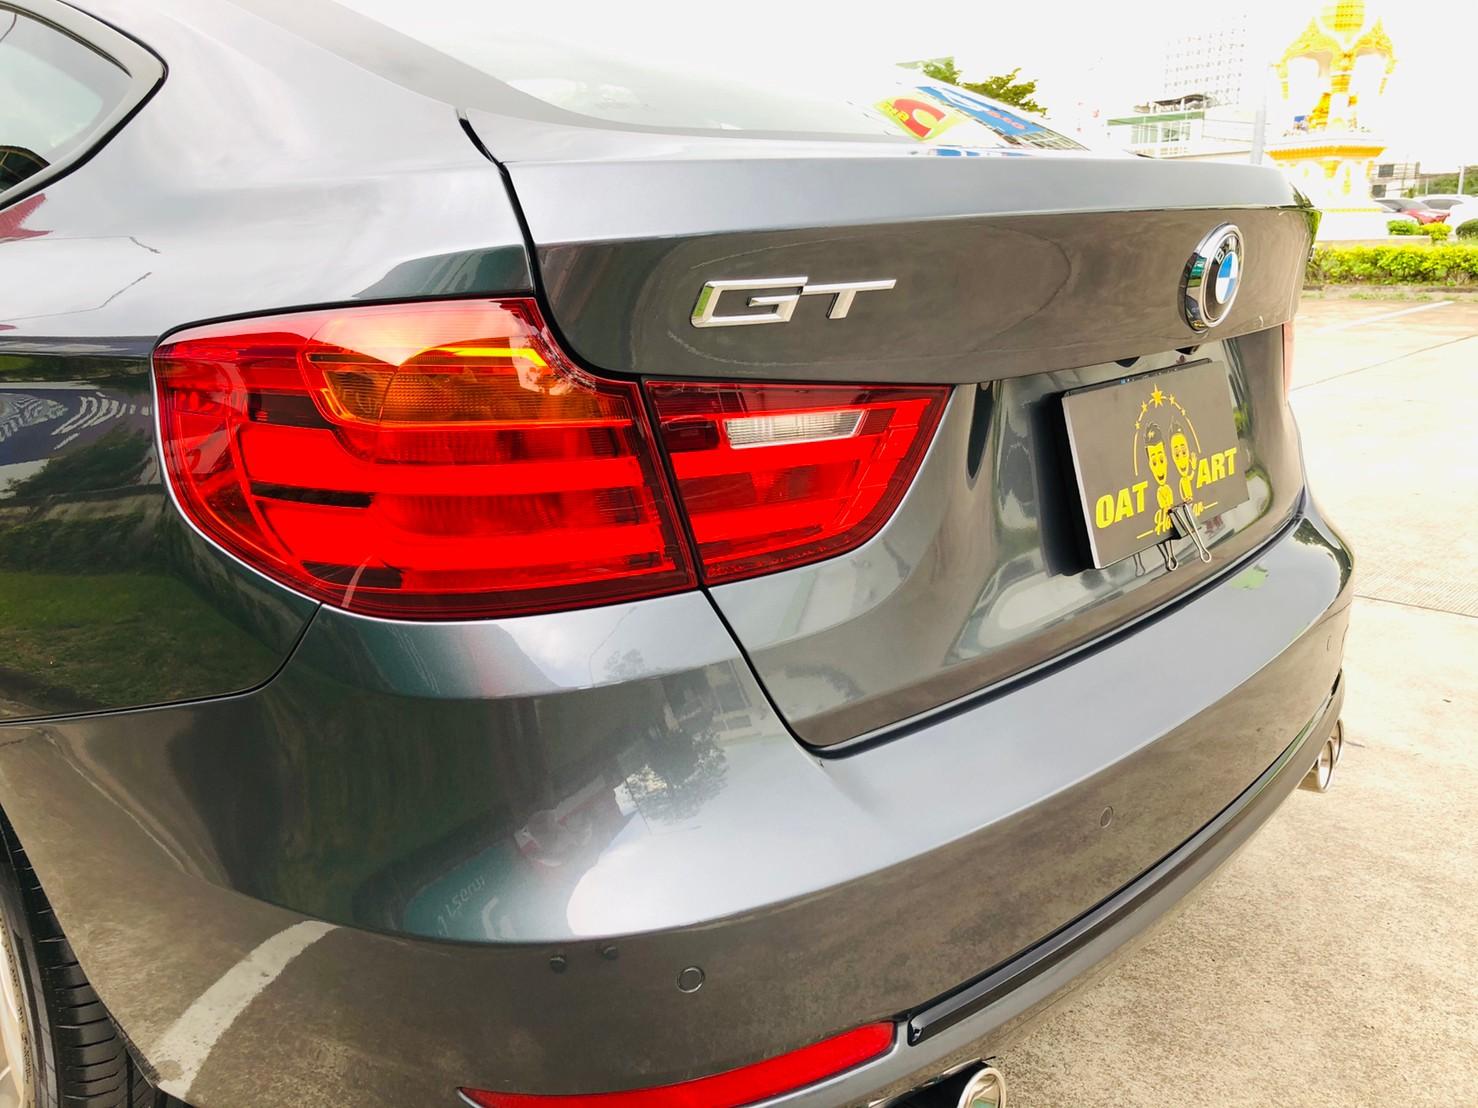 ภาพไฟท้าย บีเอ็มดับบลิว ซีรีส์ 3 320D Gt Sport ปี 2015